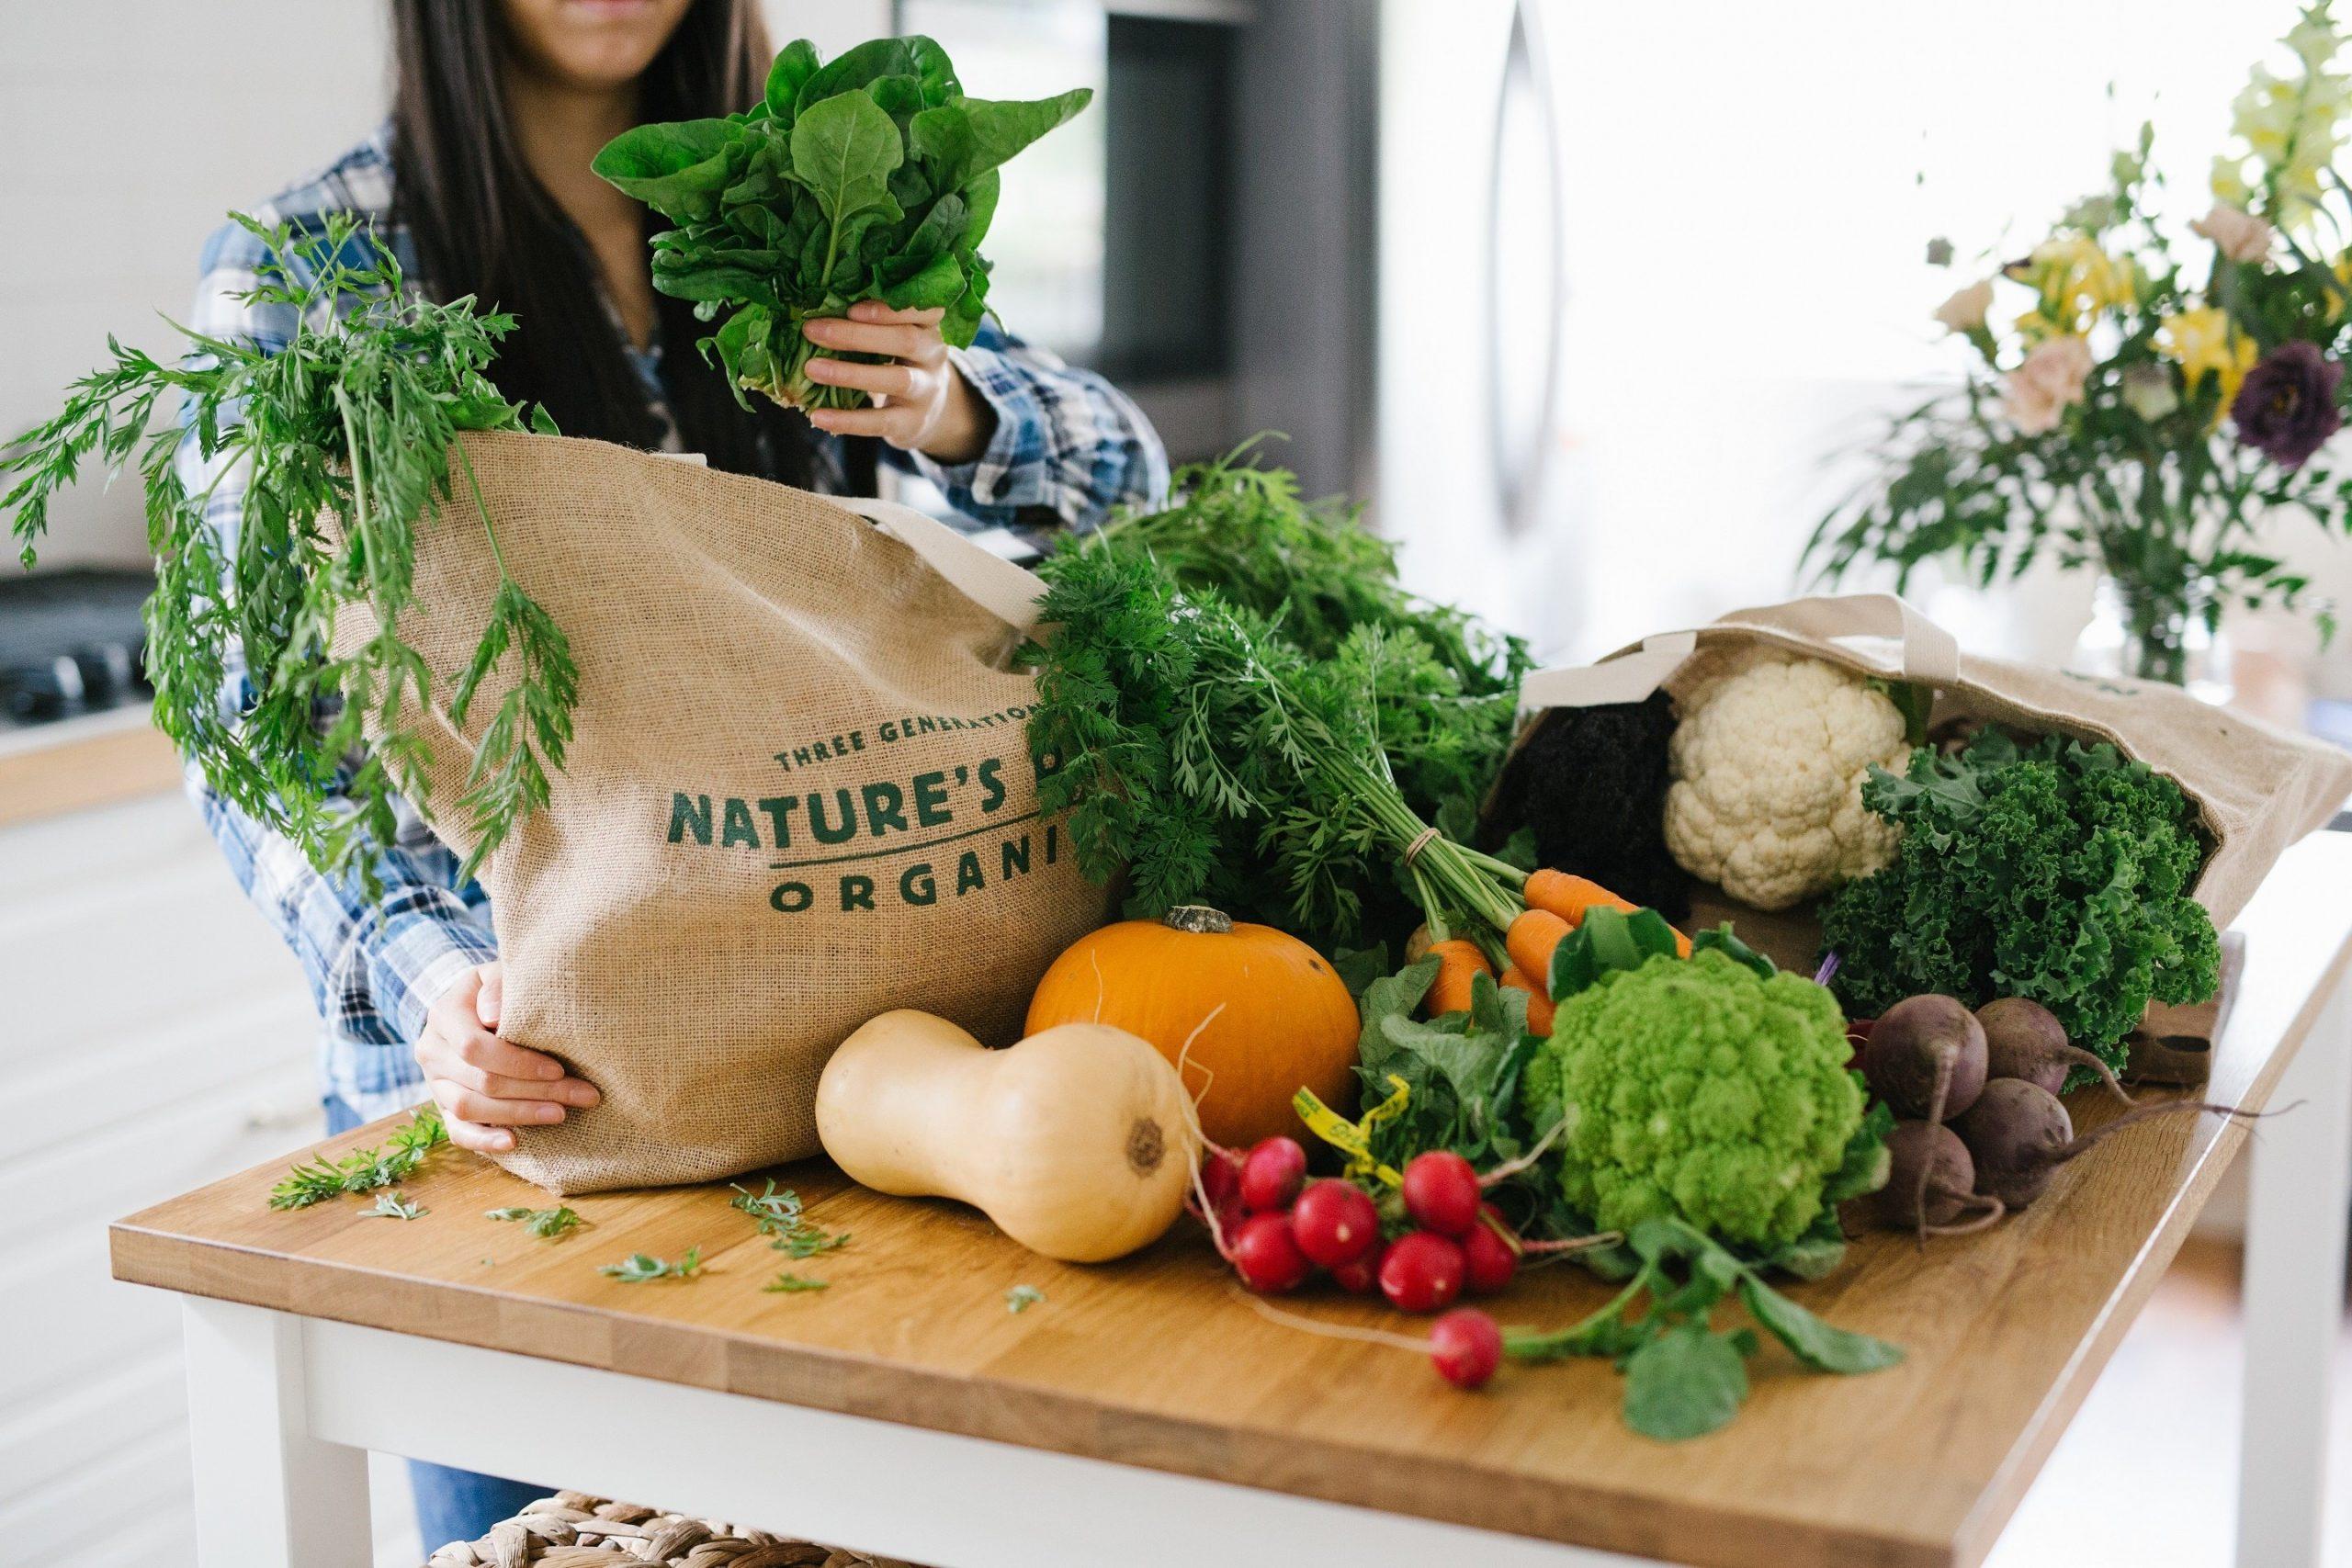 همه چیز درباره گیاهخواری: بین وگان و گیاهخواری چه تفاوتی وجود دارد؟